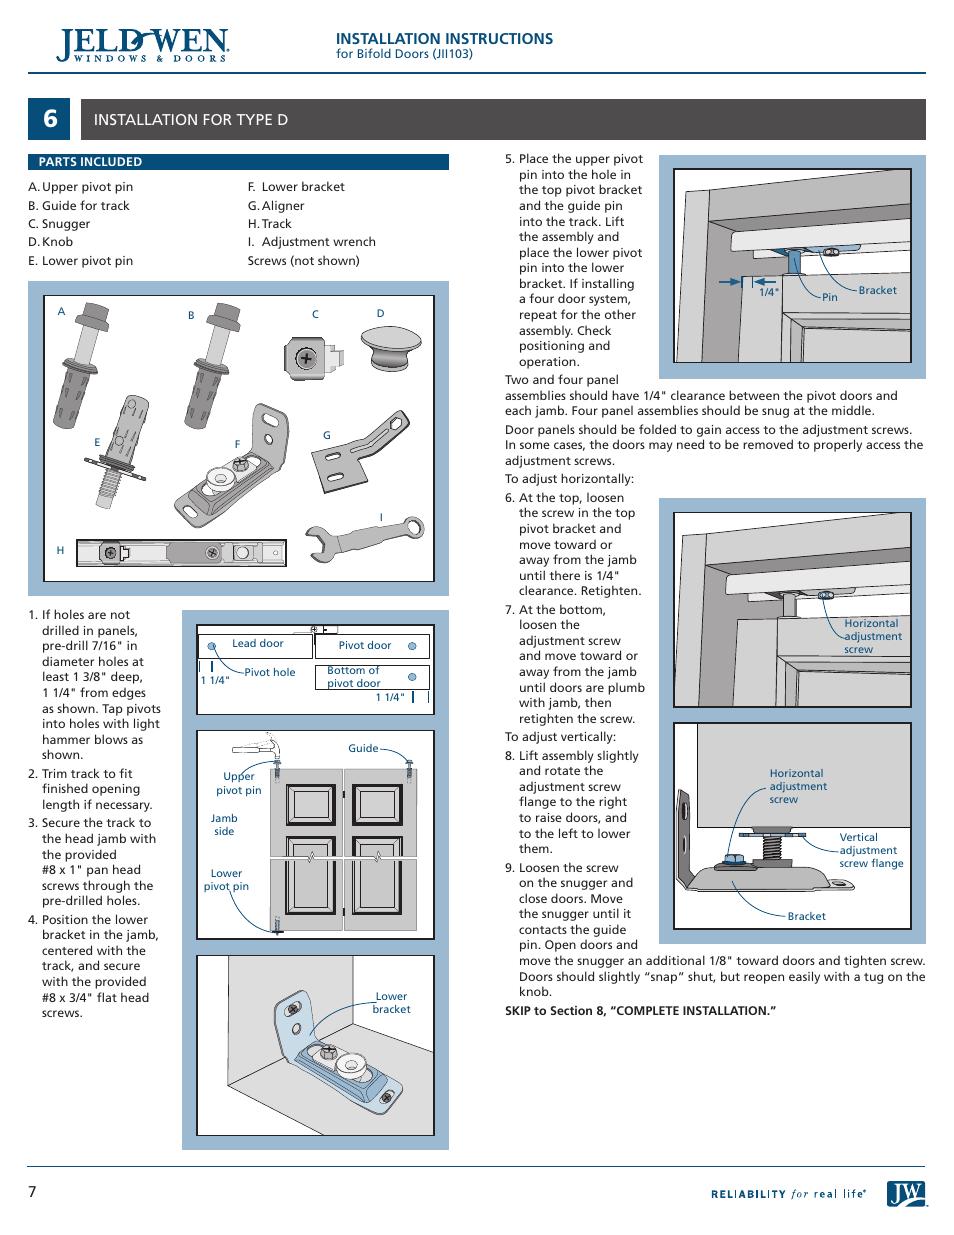 How To Install Jeld Wen Bi Fold Closet Doors Image Of Bathroom And Closet